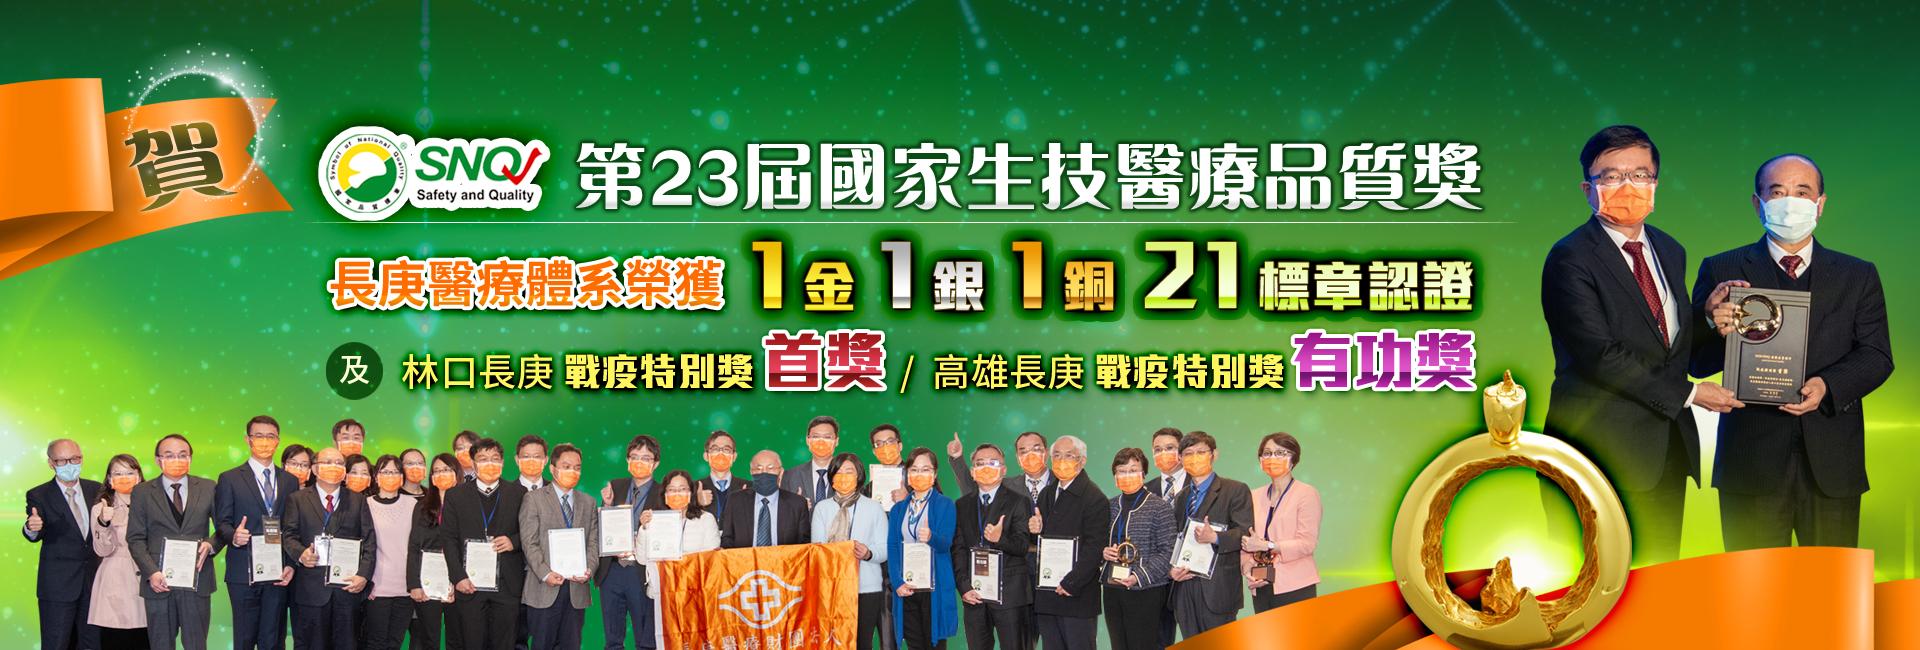 國家生技醫療品質獎